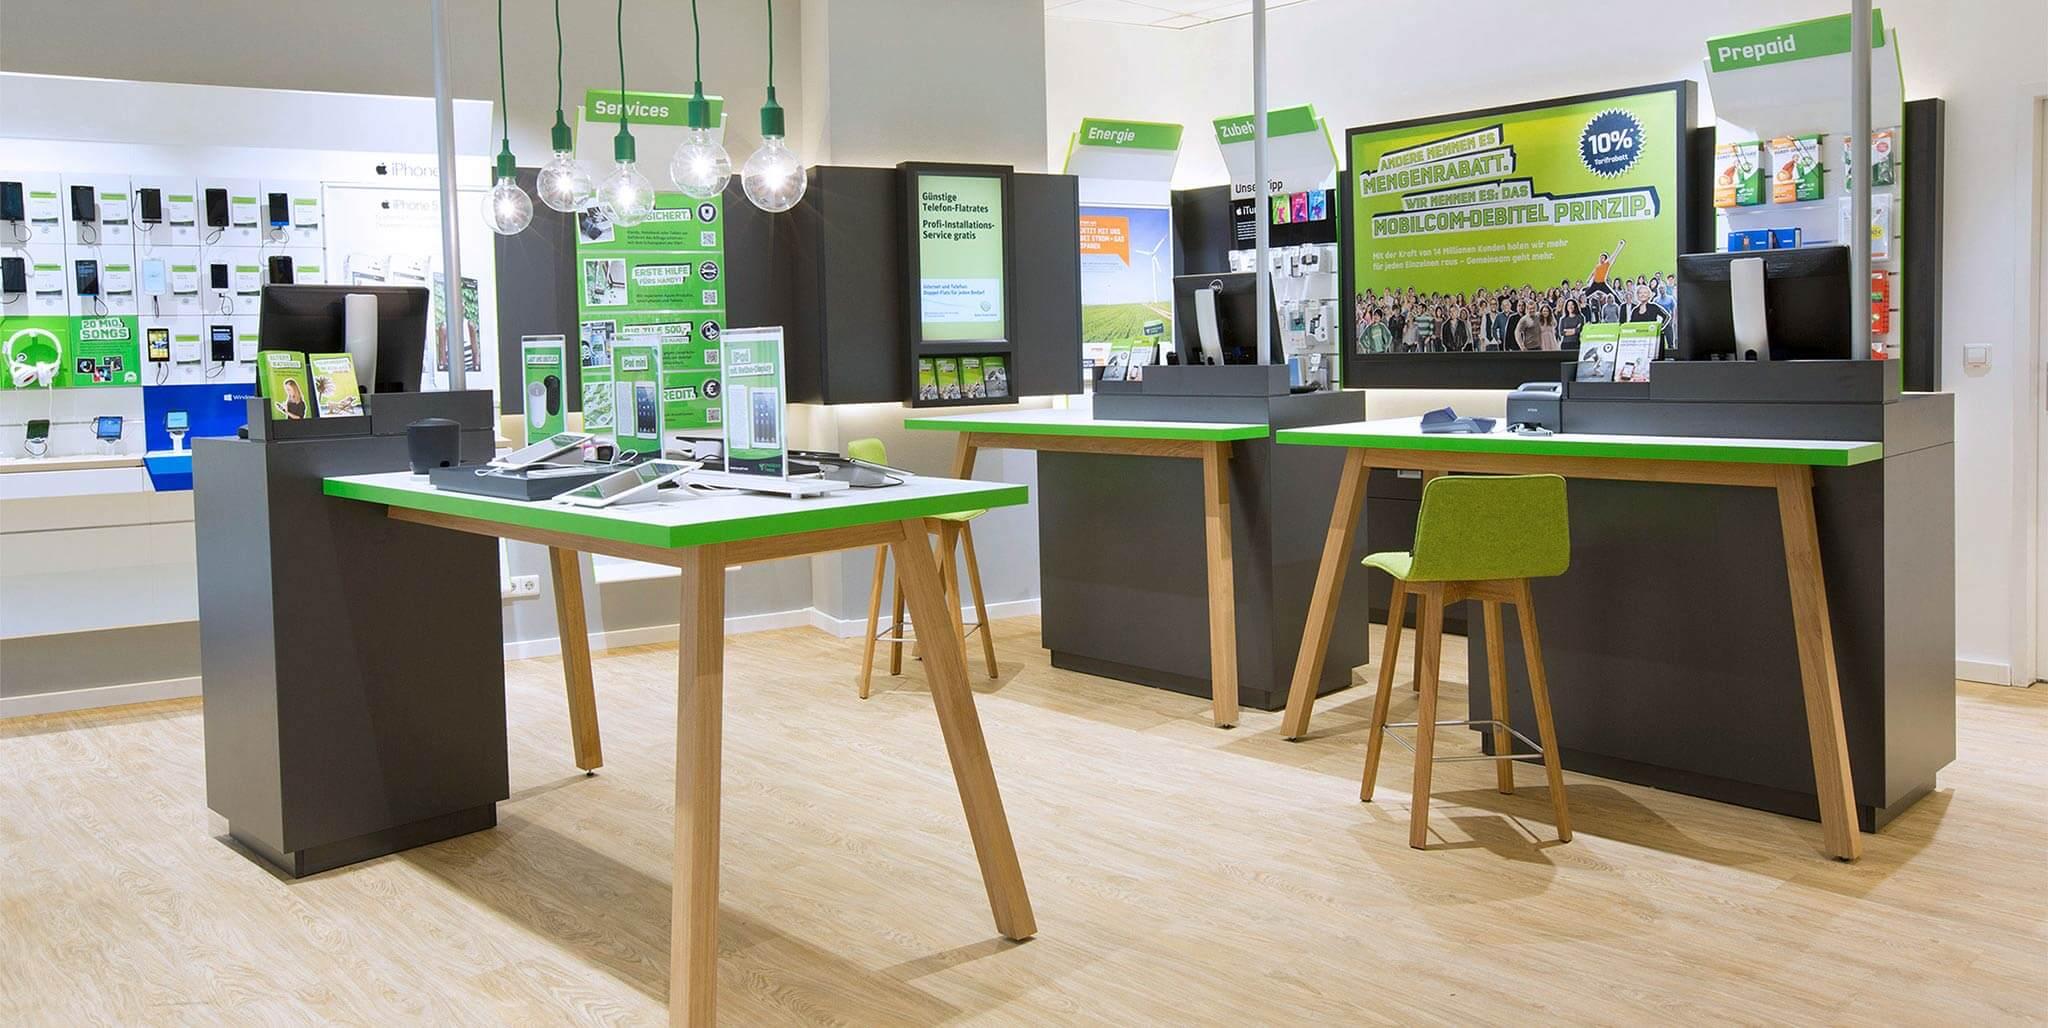 mobilcom-debitel: Shopdesign von der Designagentur Preussisch Portugal